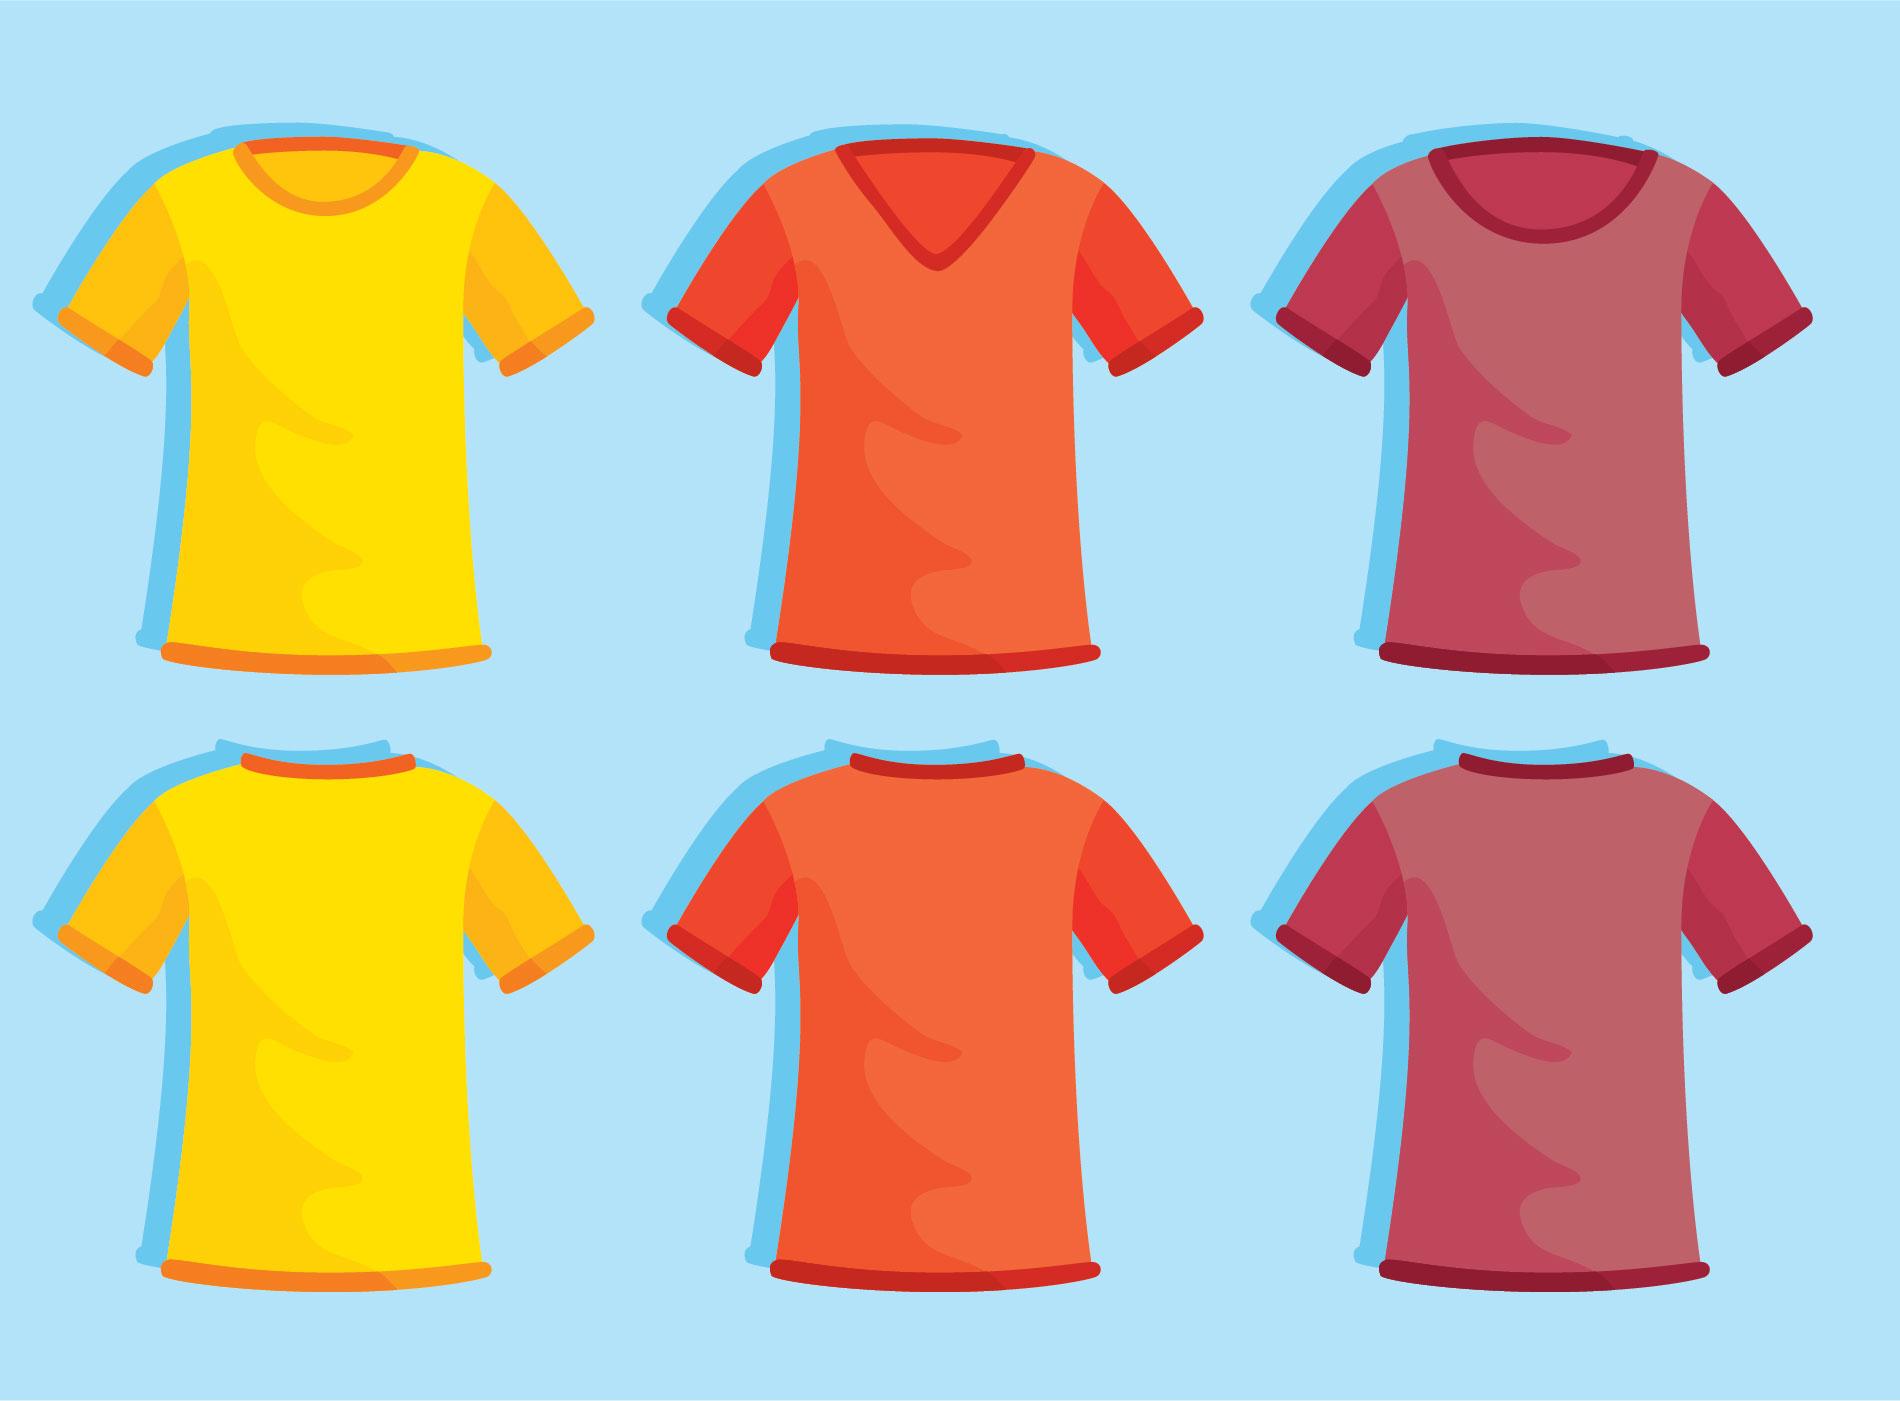 Großzügig Einfache T Shirt Malvorlagen Fotos ...